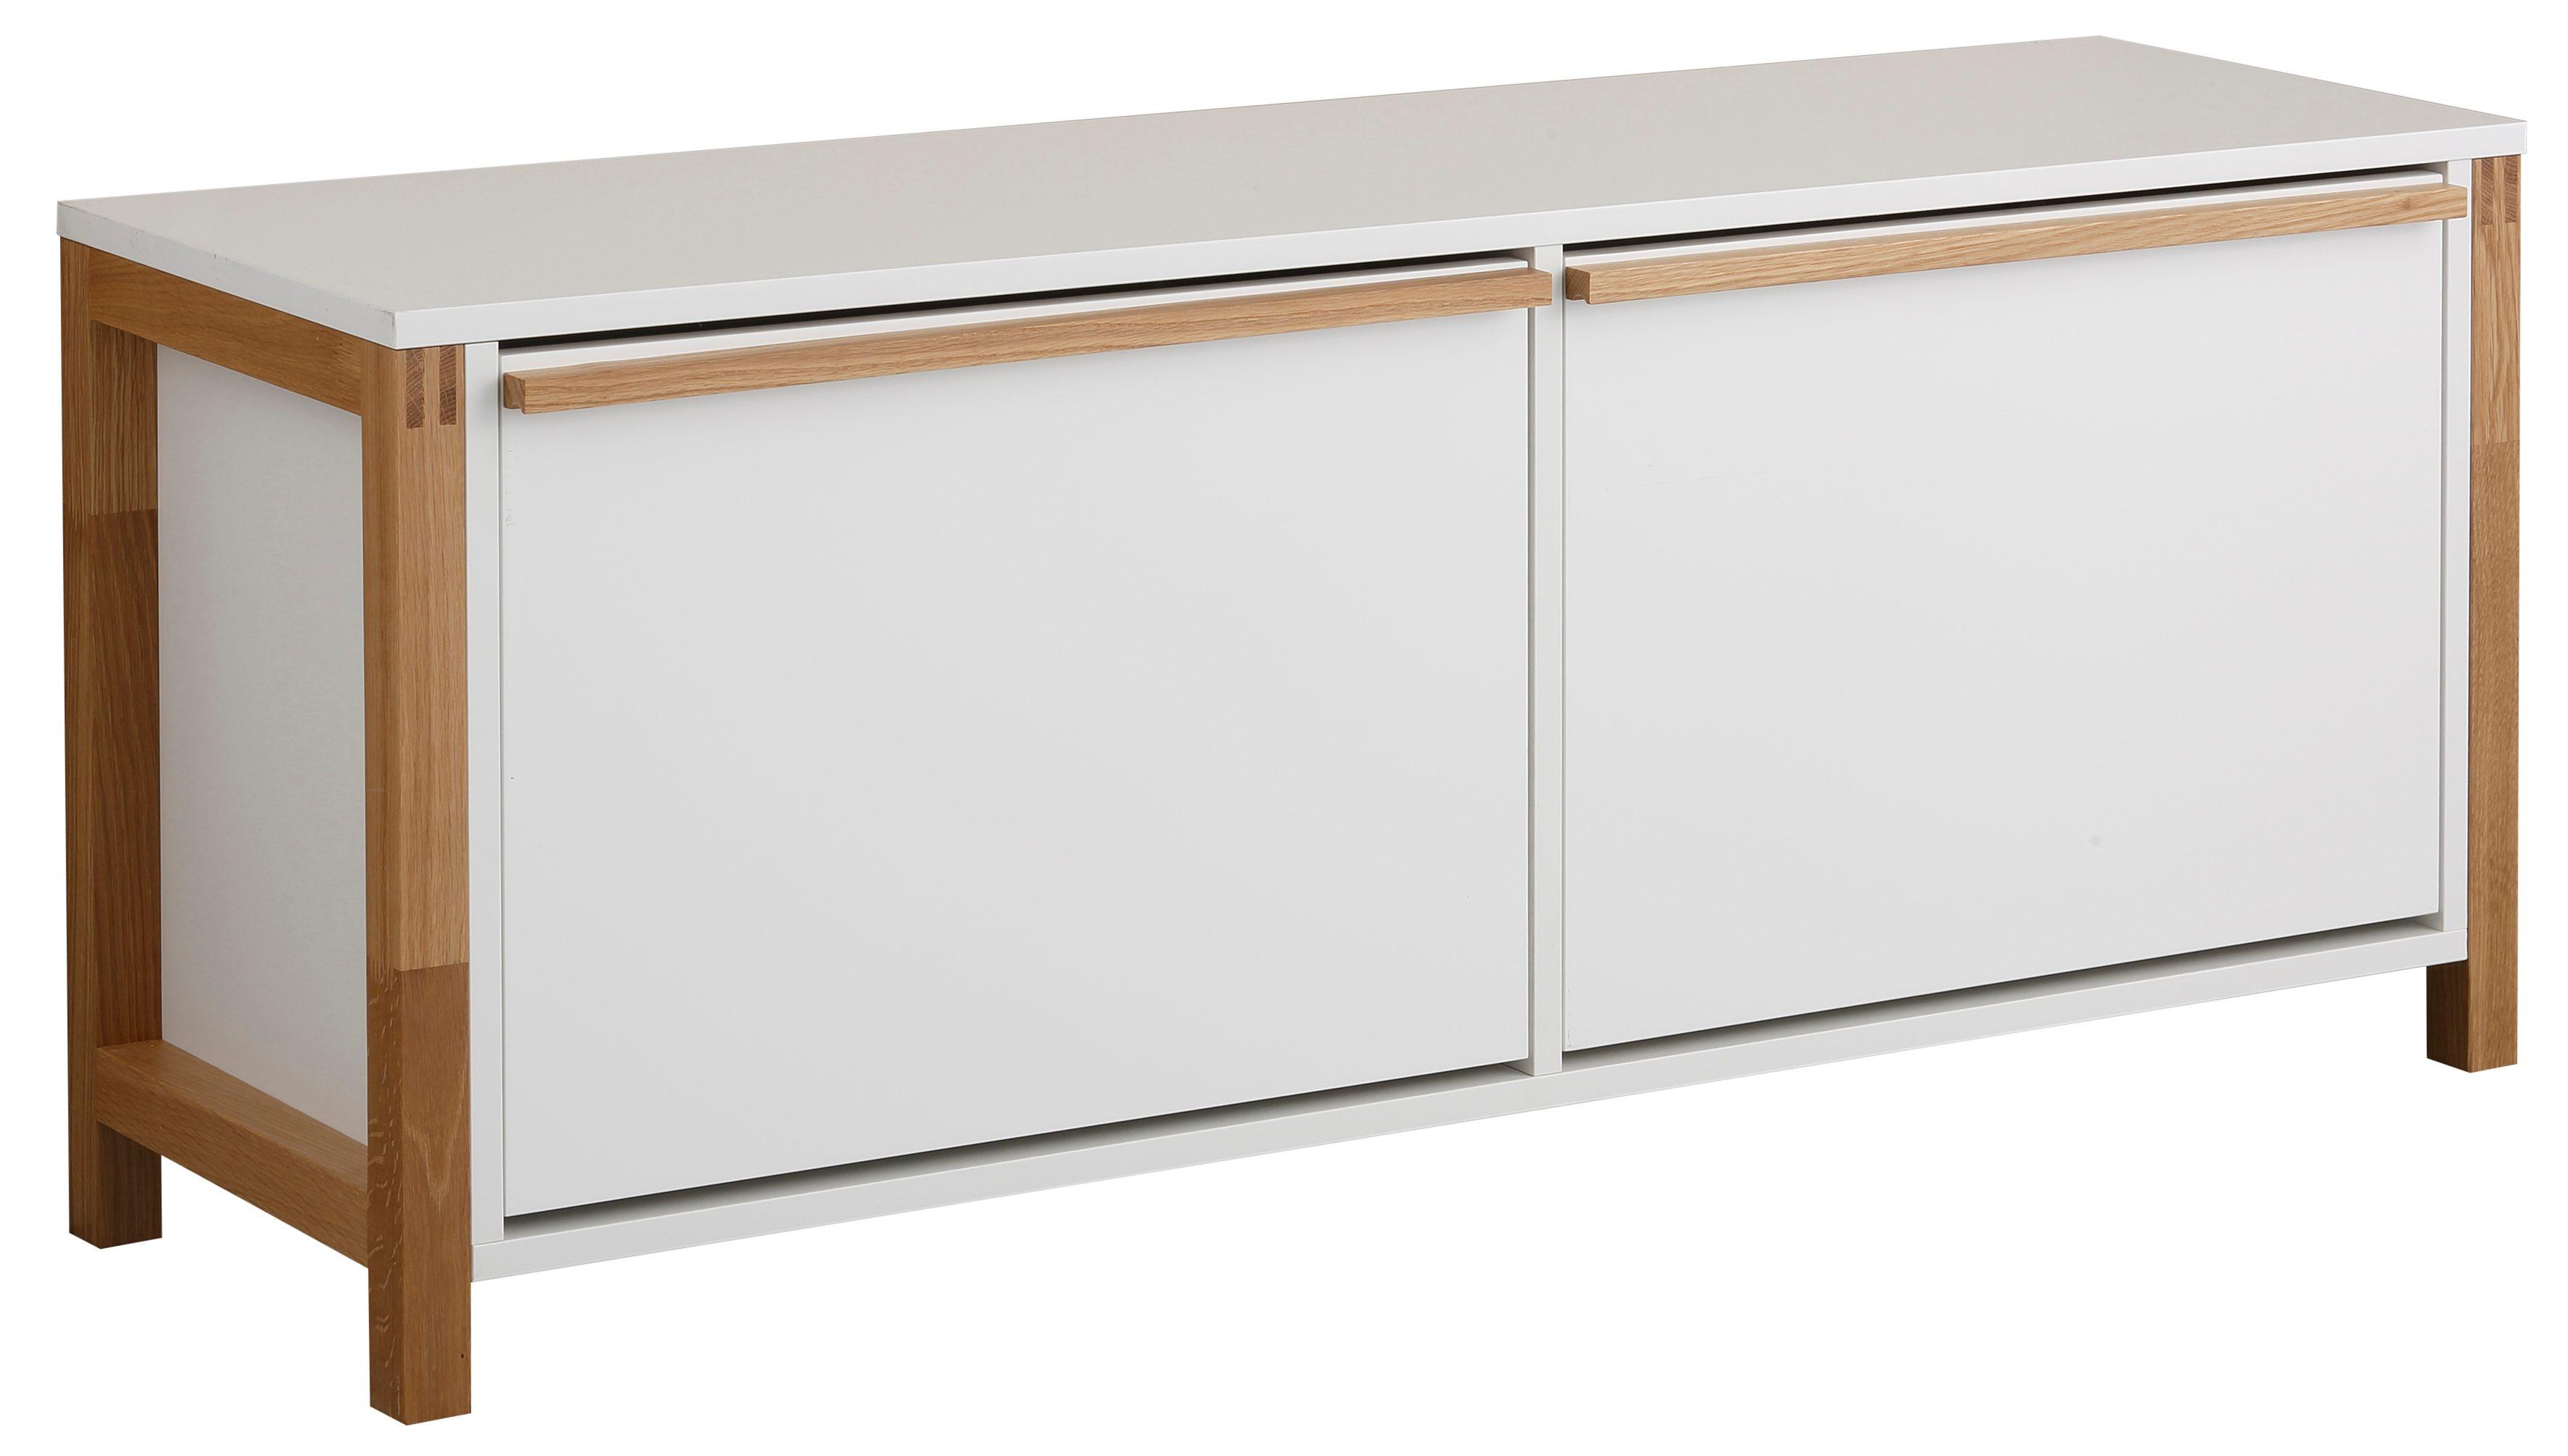 Woodman Schuhbank Northgate Wohnen/Möbel/Kleinmöbel/Schuhschränke/Schuhbänke